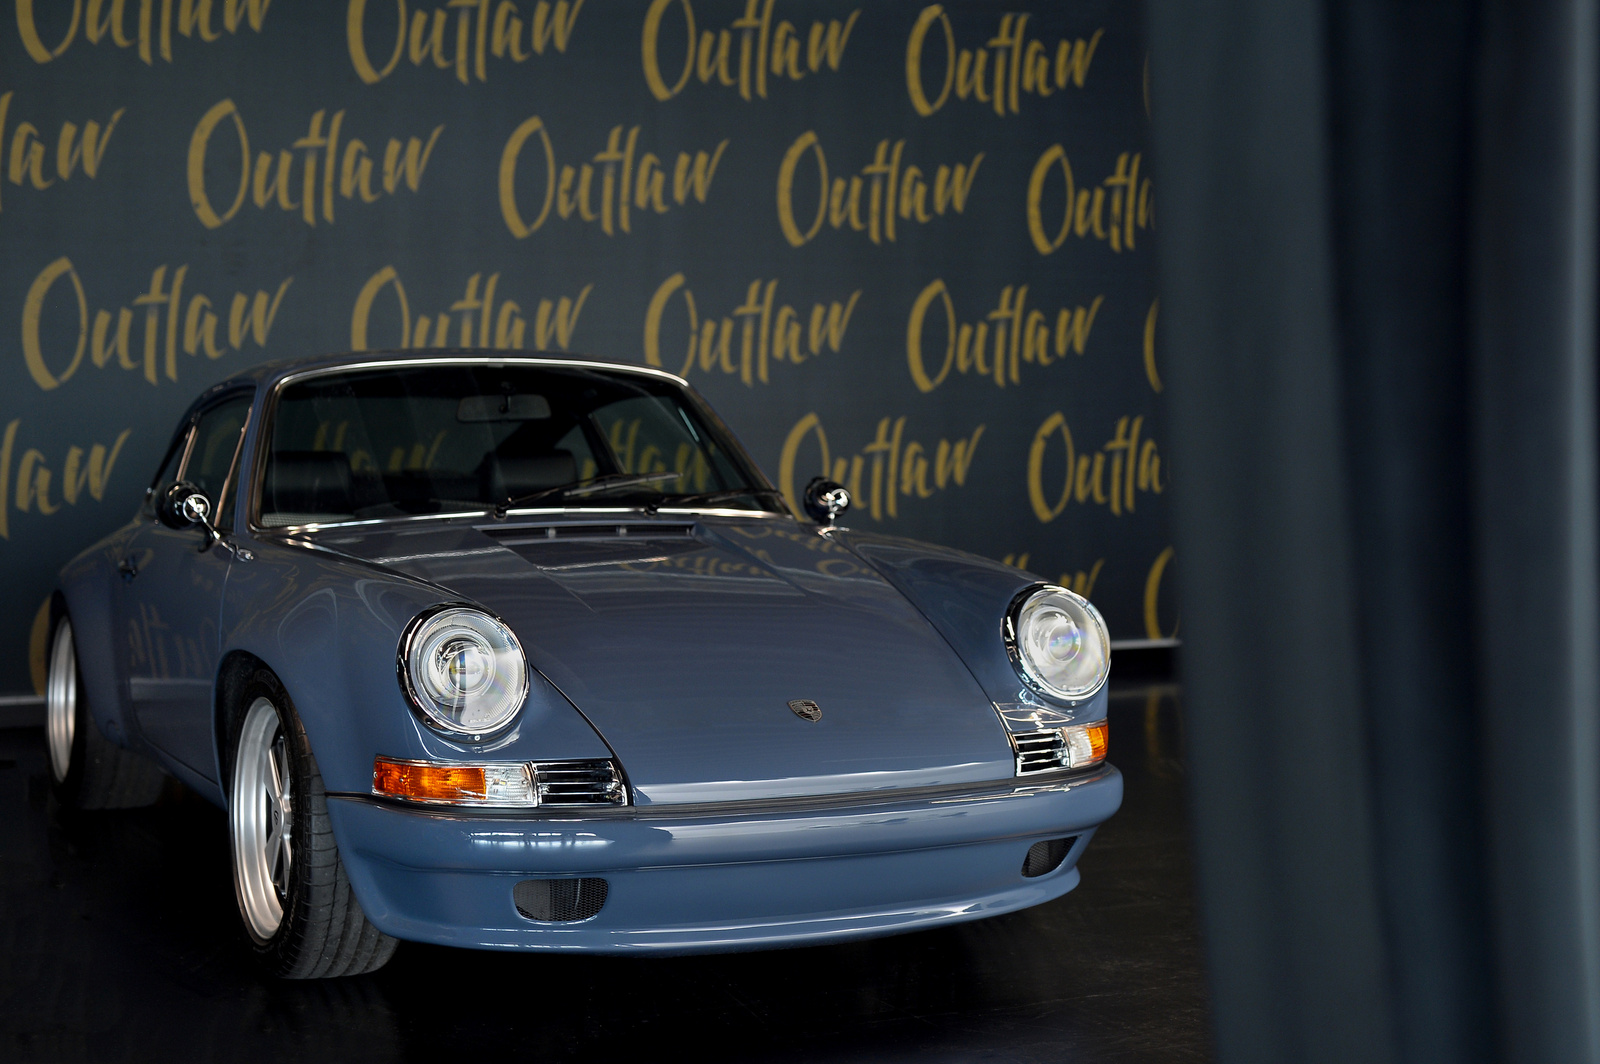 Rosenberger RST - Porsche 911 Outlaw